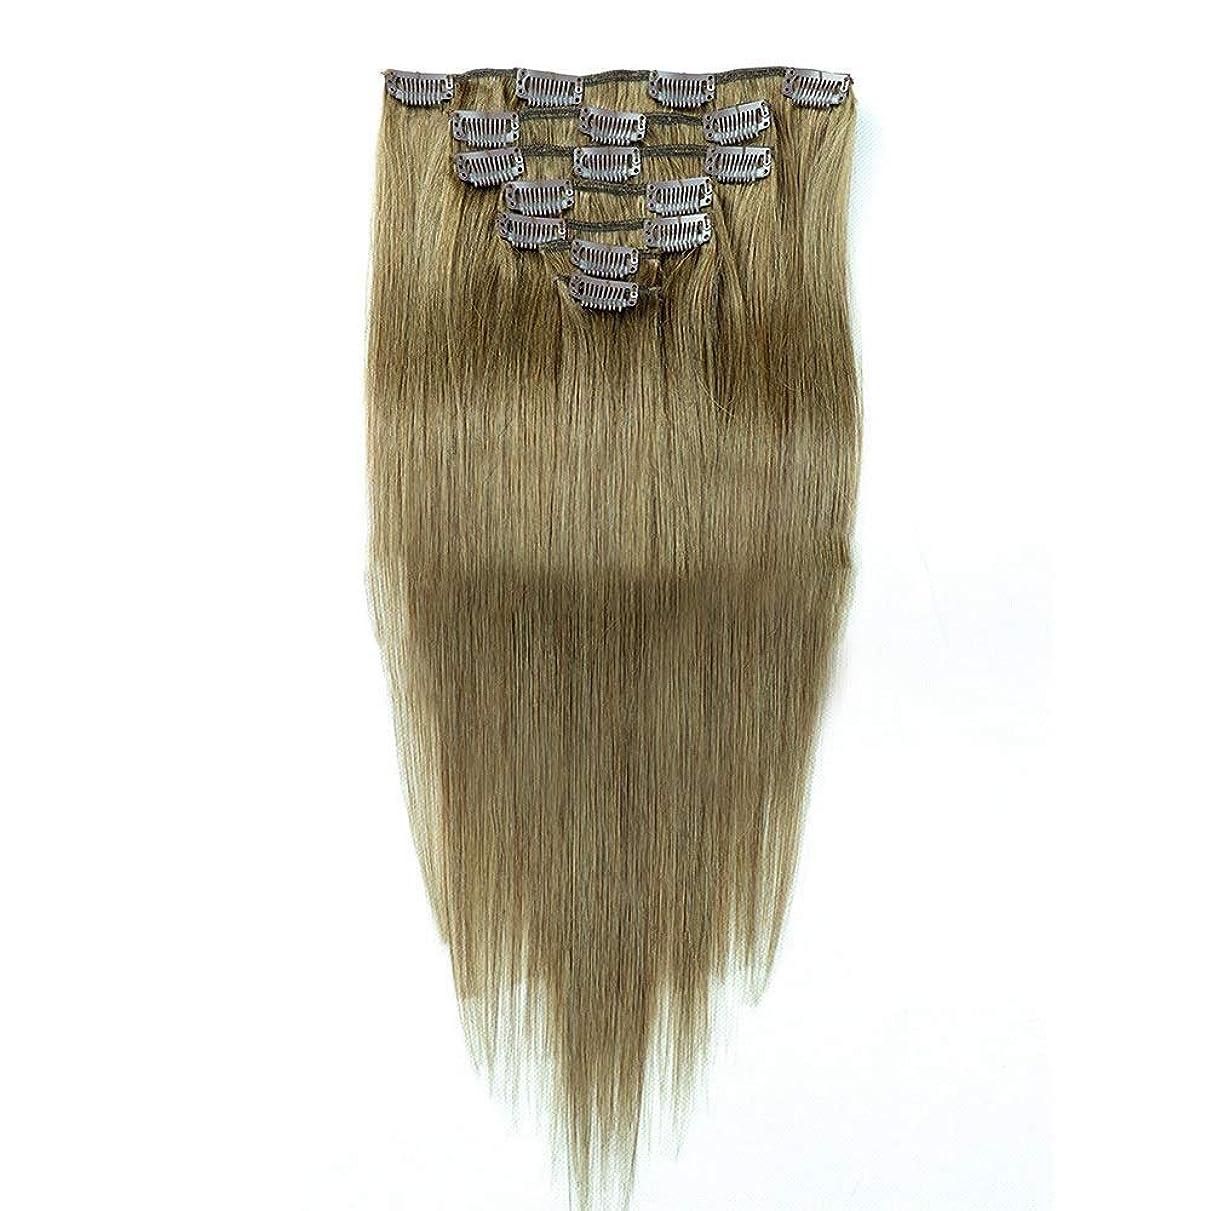 彫刻家落胆させる落胆させるHOHYLLYA 自然な女性のためのヘアエクステンション20インチリアルヒューマンヘアクリップ(7個、20インチ、70g)ファッションウィッグ (色 : #8)